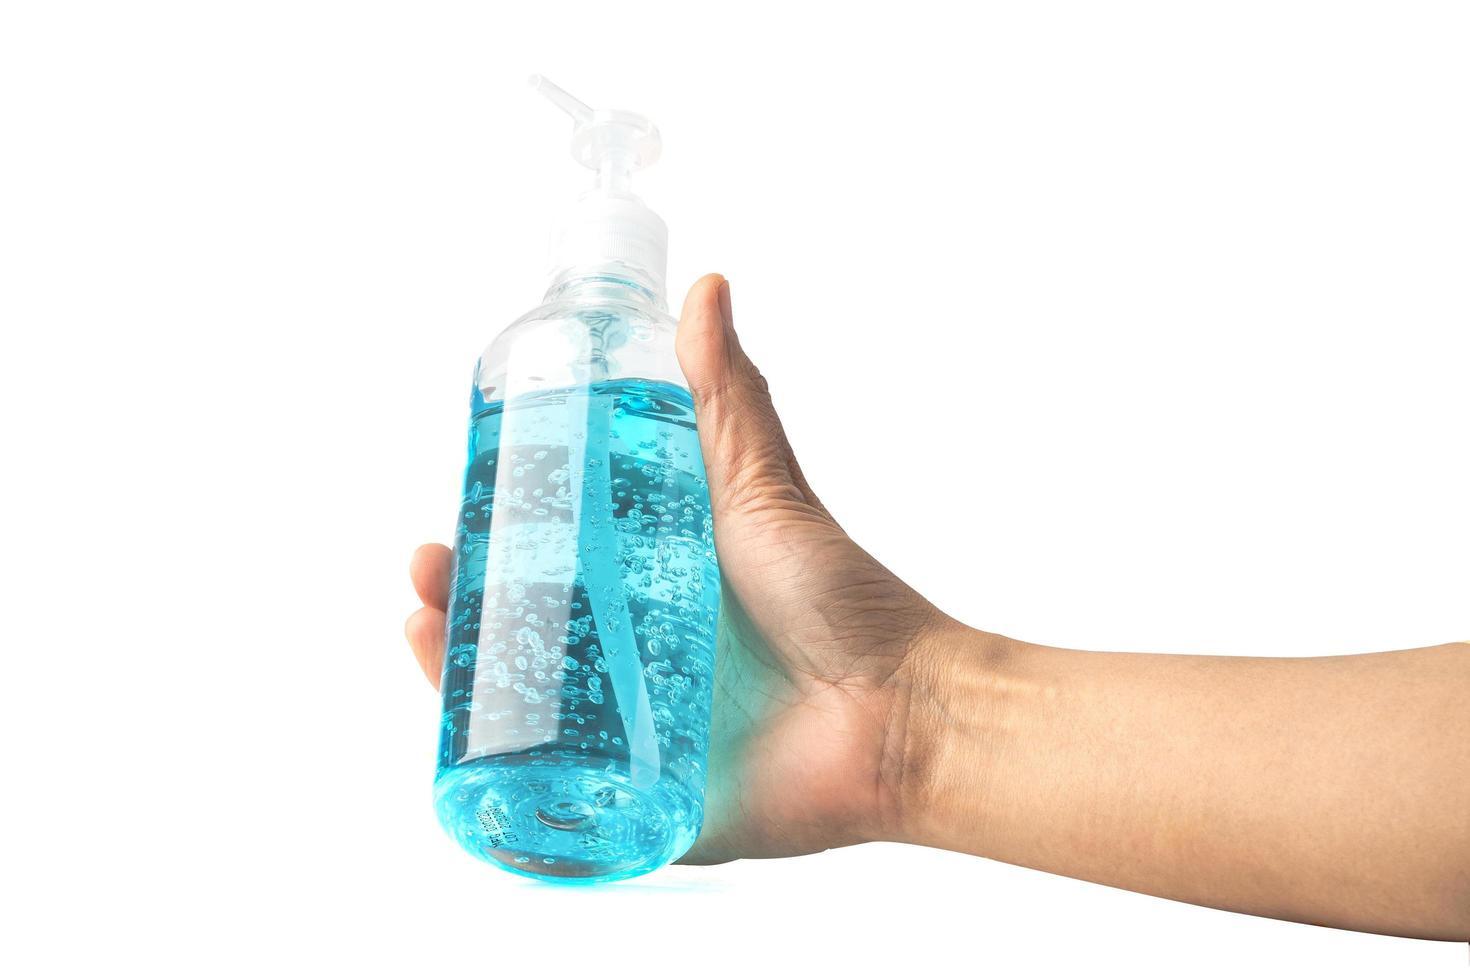 dama asiática sosteniendo gel de alcohol en la mano protege el coronavirus foto